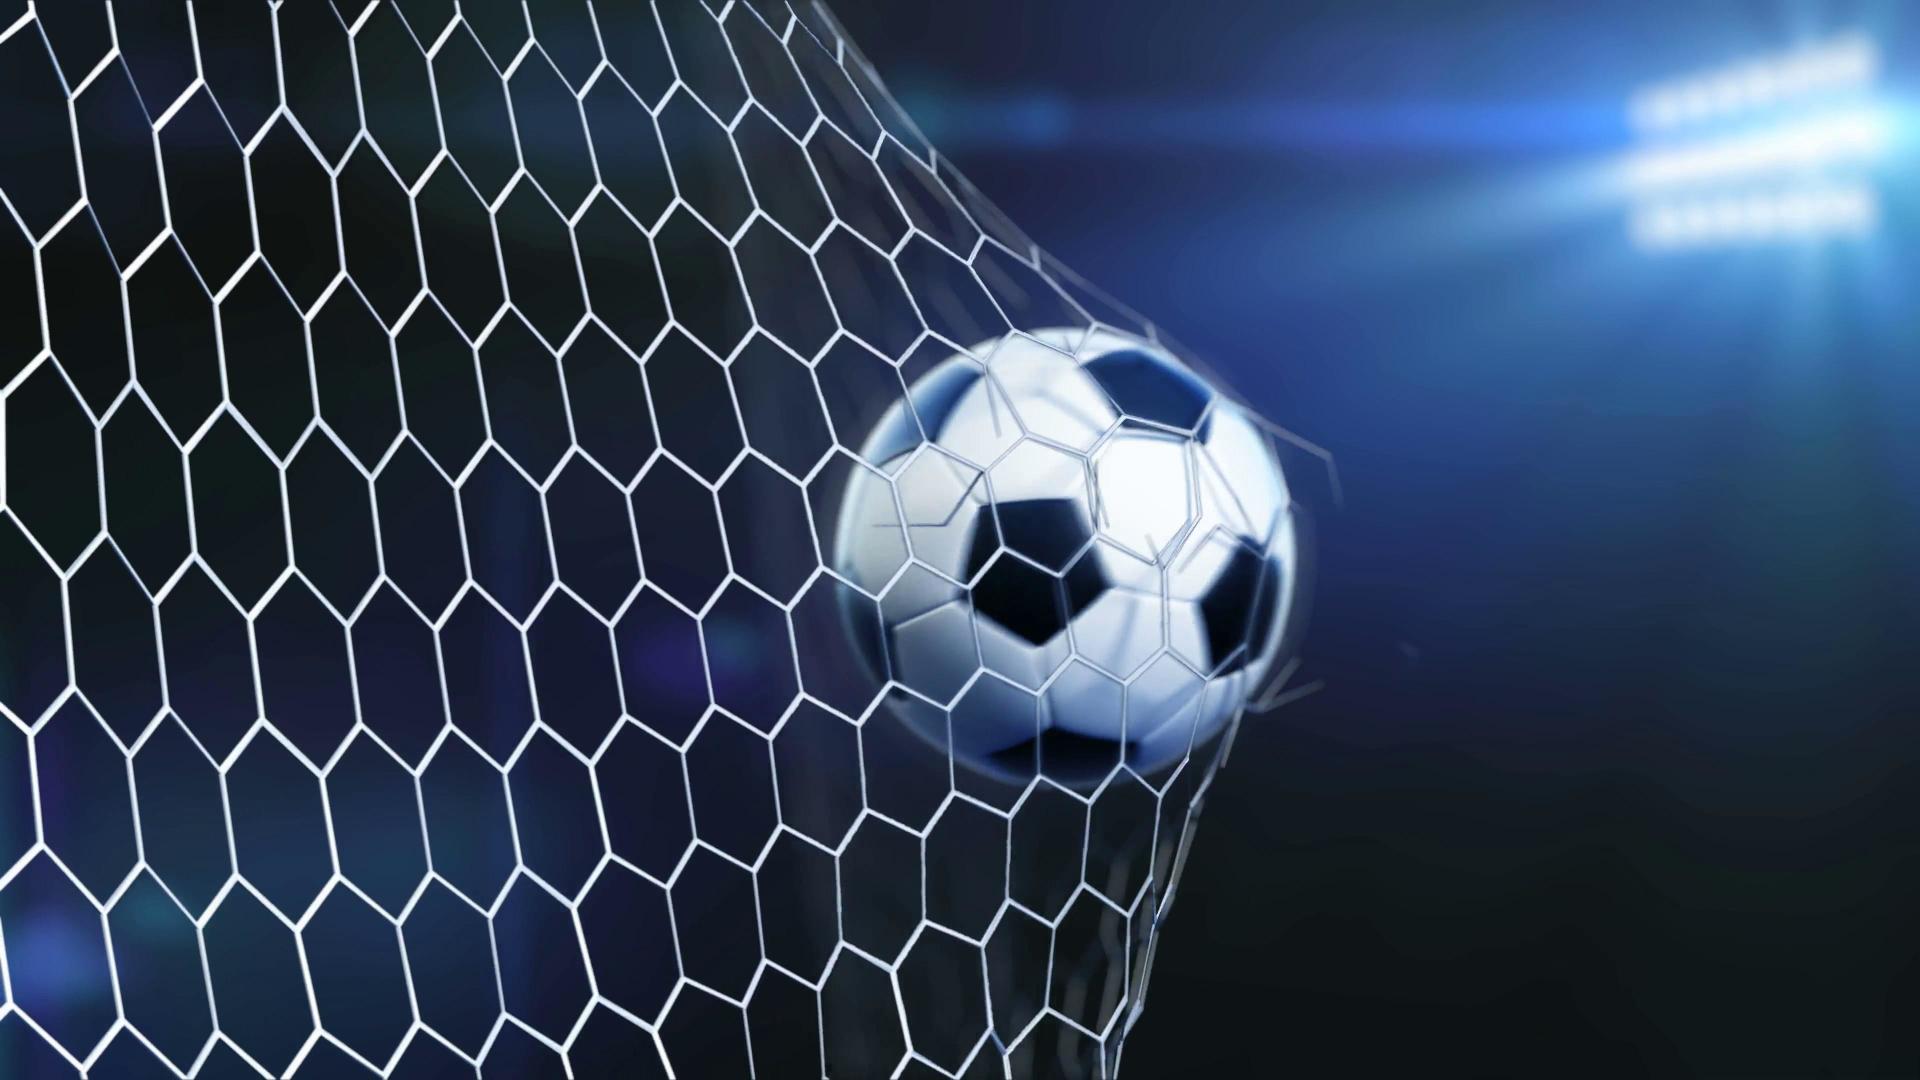 лучшие Футбол для Android